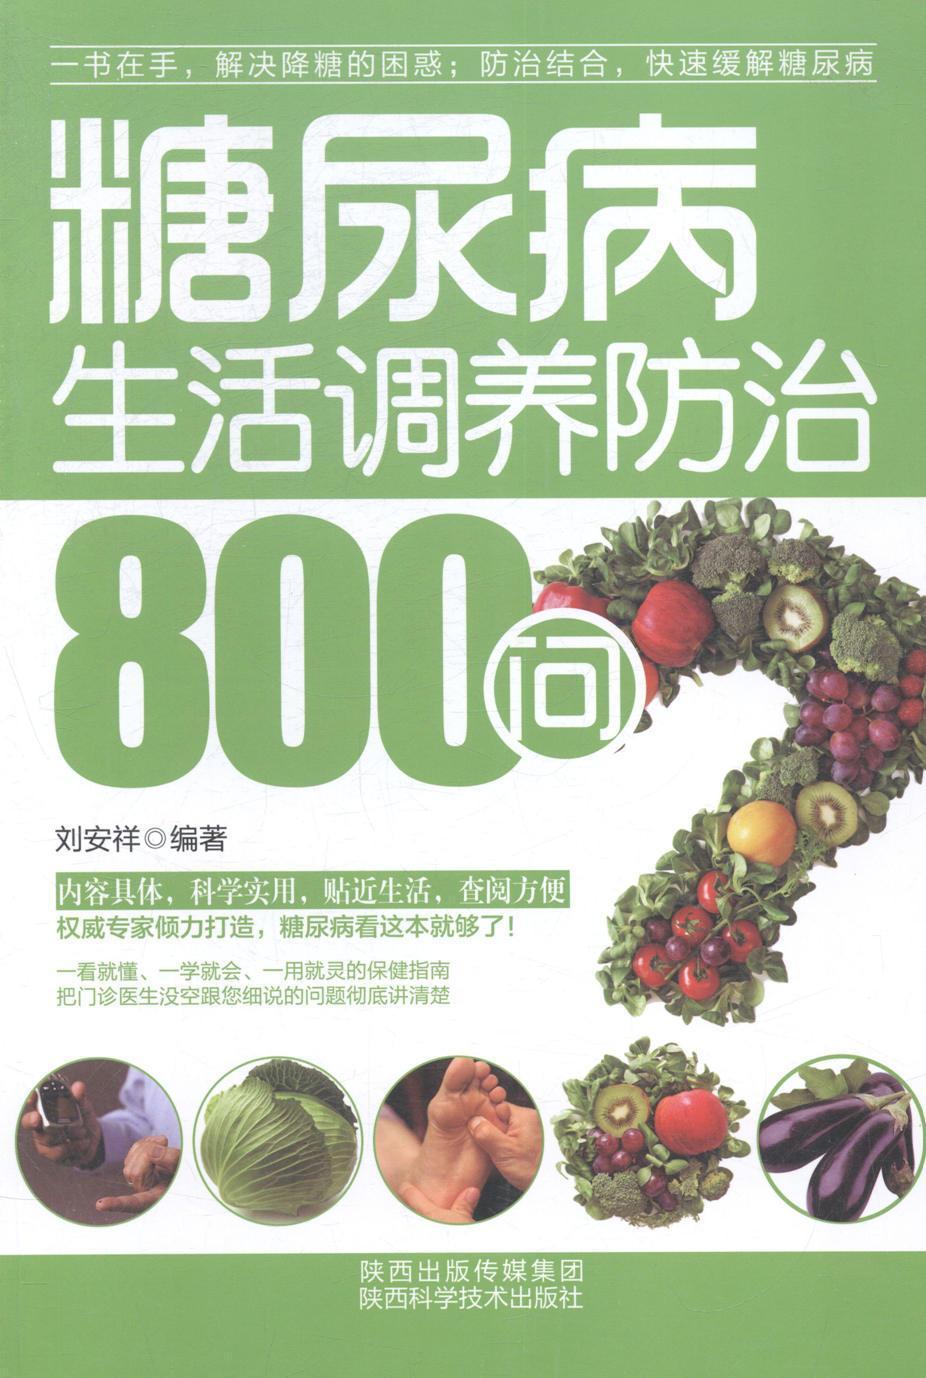 现货正版速发 糖尿病生活调养防治800问刘安祥9787536961715 陕西科学技术出版社健康与养生